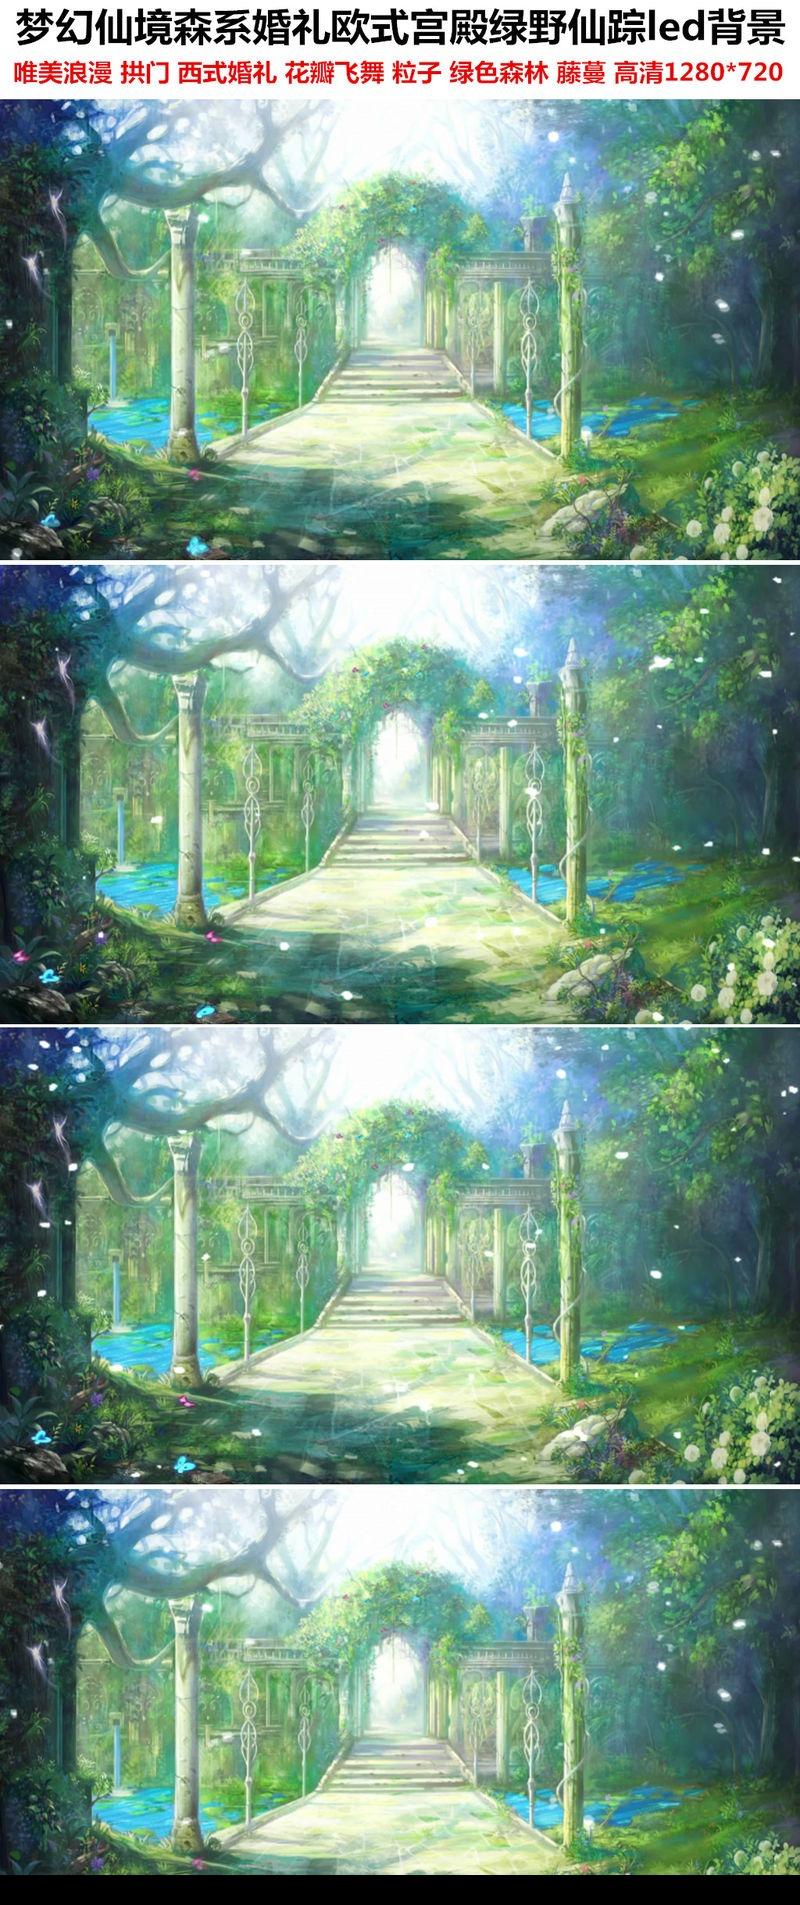 梦幻仙境欧式拱门婚庆led背景视频